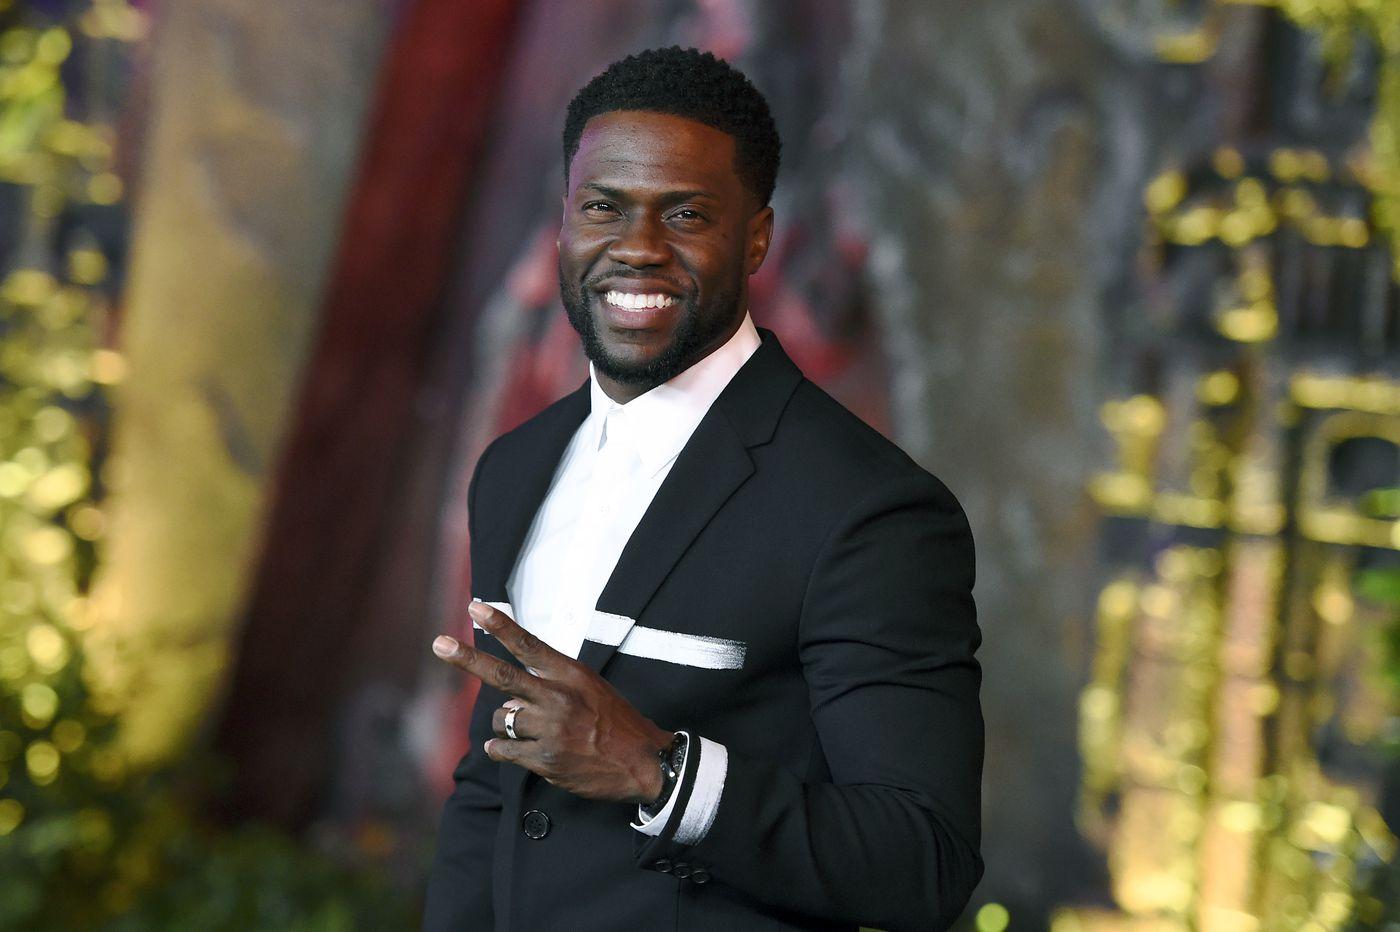 Kevin Hart says he will rethink hosting the Oscars after Ellen DeGeneres' encouragement